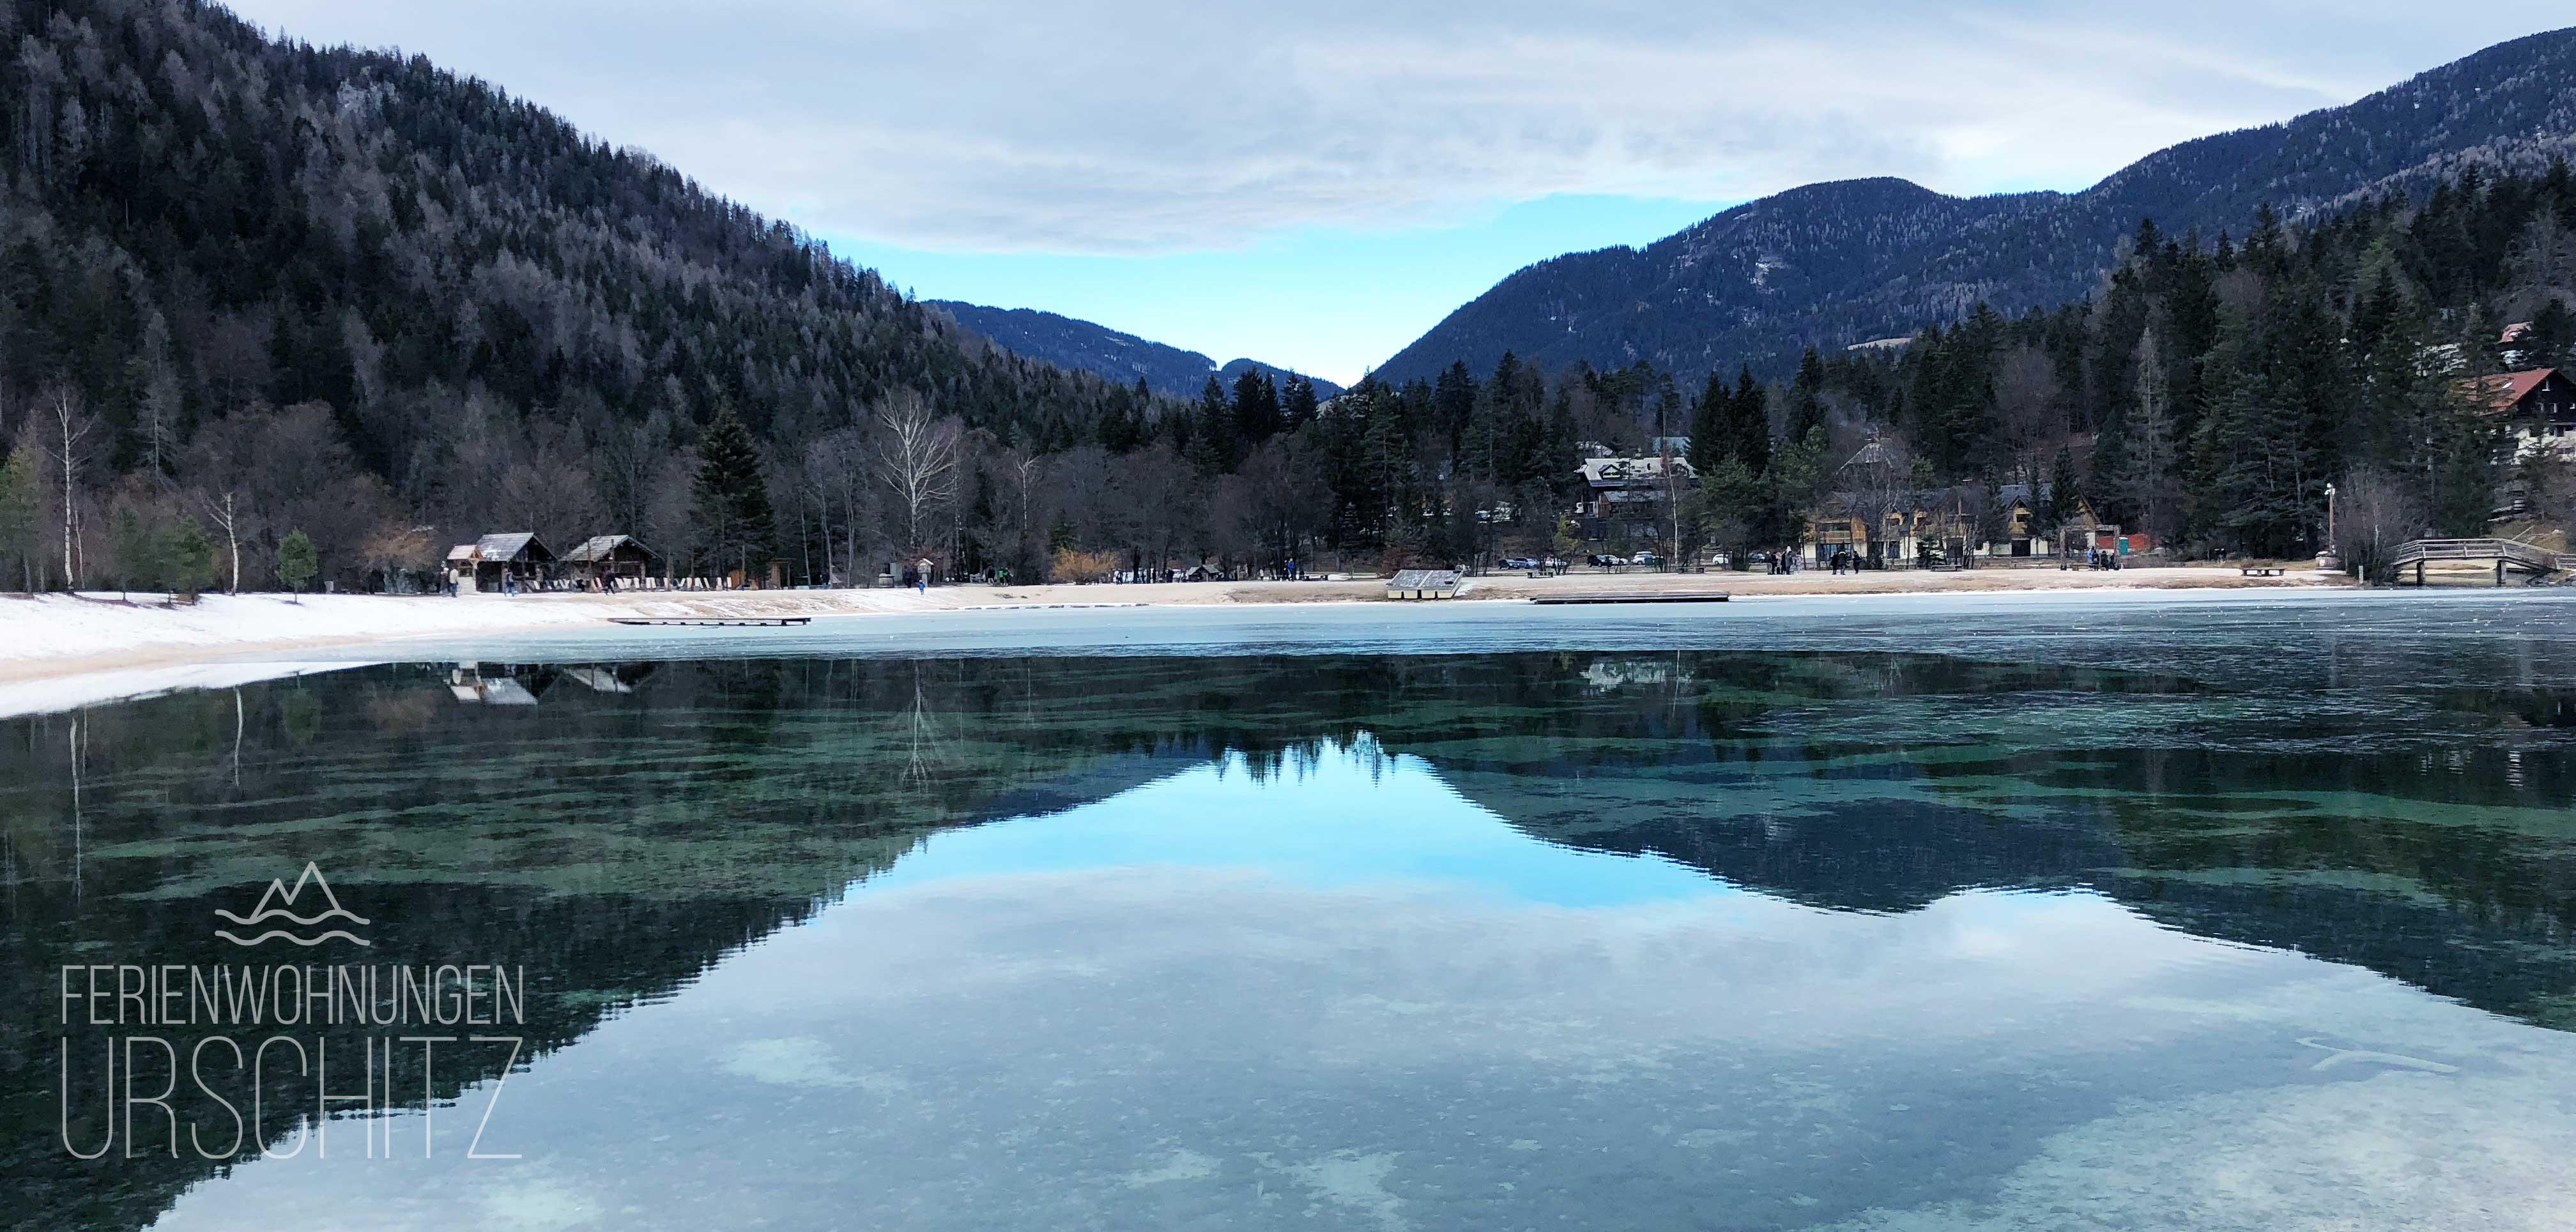 Ausflug zum Jasna See in Kranjska Gora/Slowenien von Villach/Drobollach/Ferienwohnungen Faaker See. Blick auf den See-Imbiss.